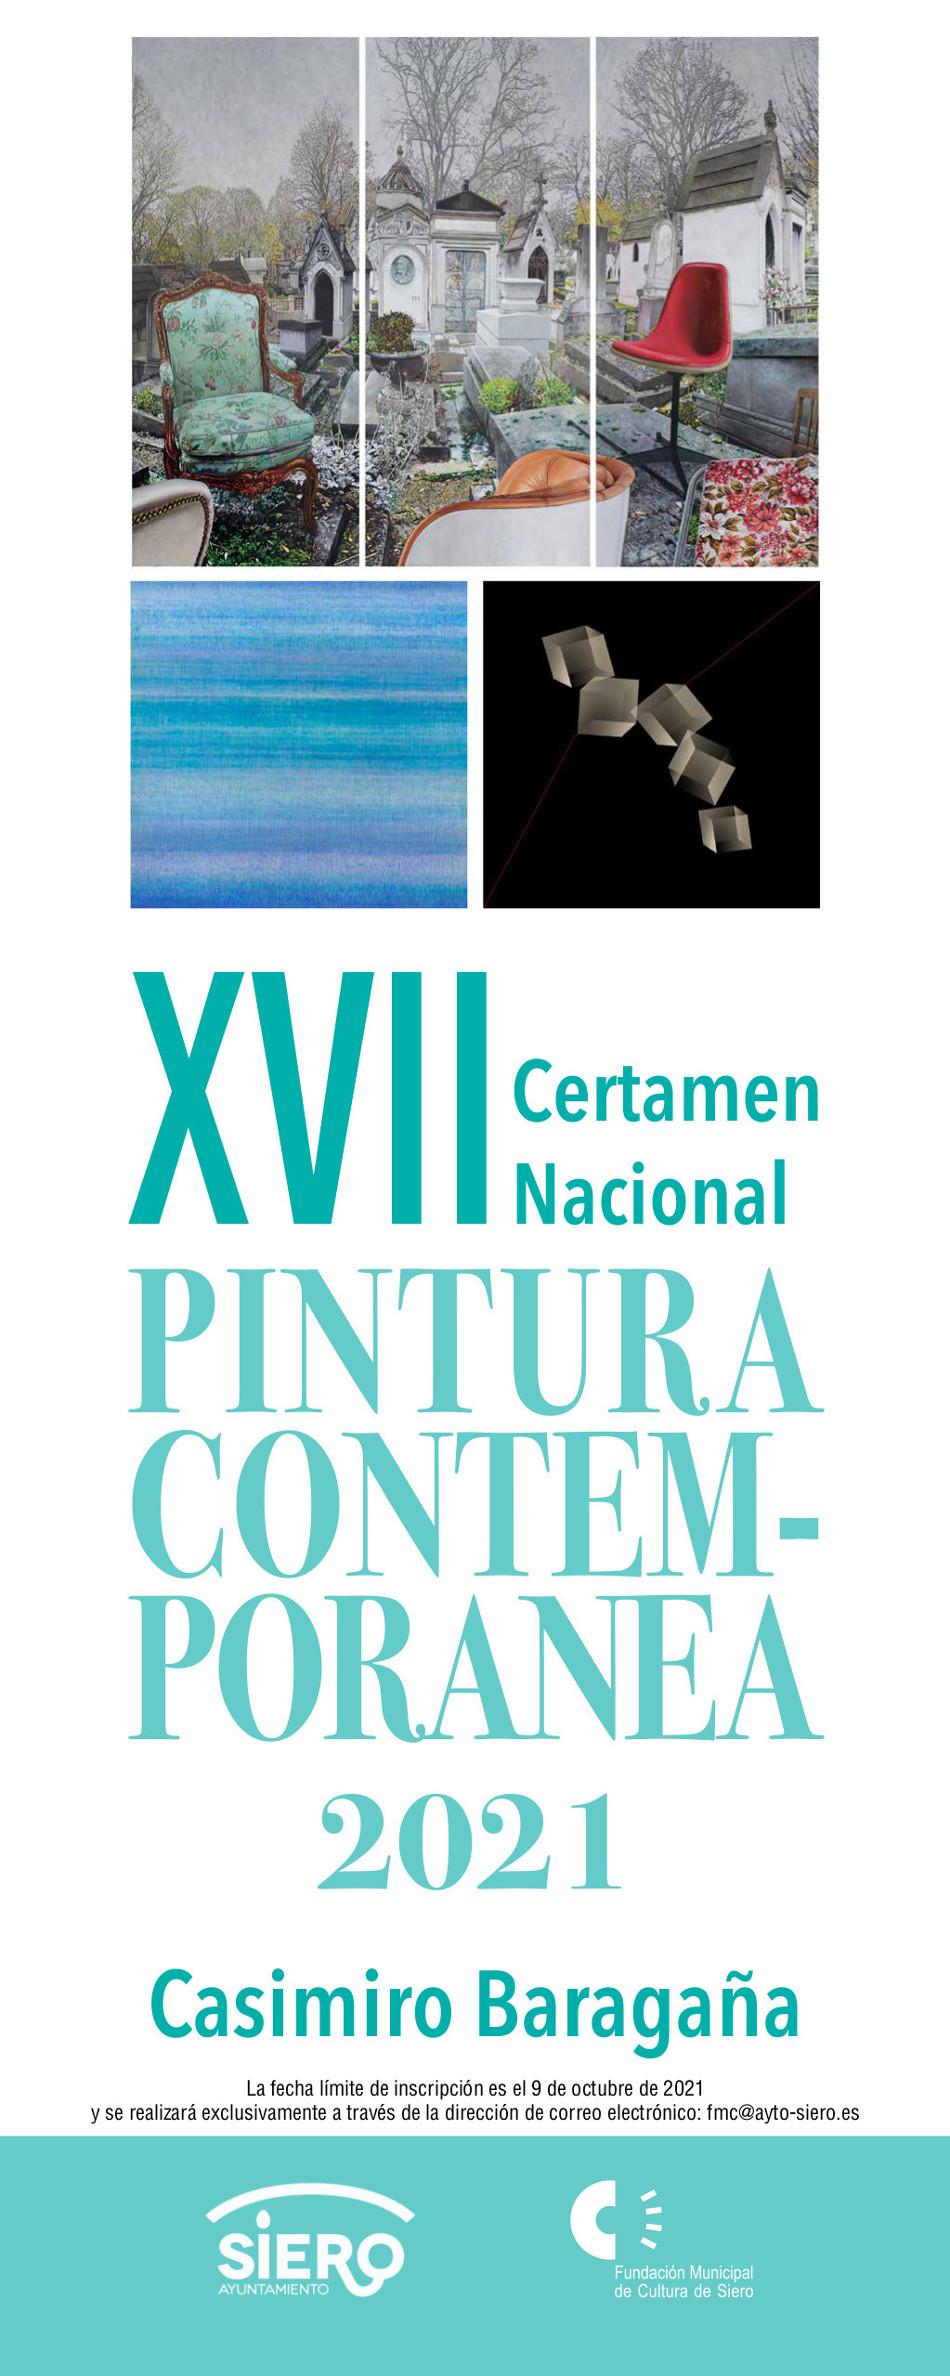 Cartel XVII Certamen Pintura Contemporánea Casimiro Baragaña